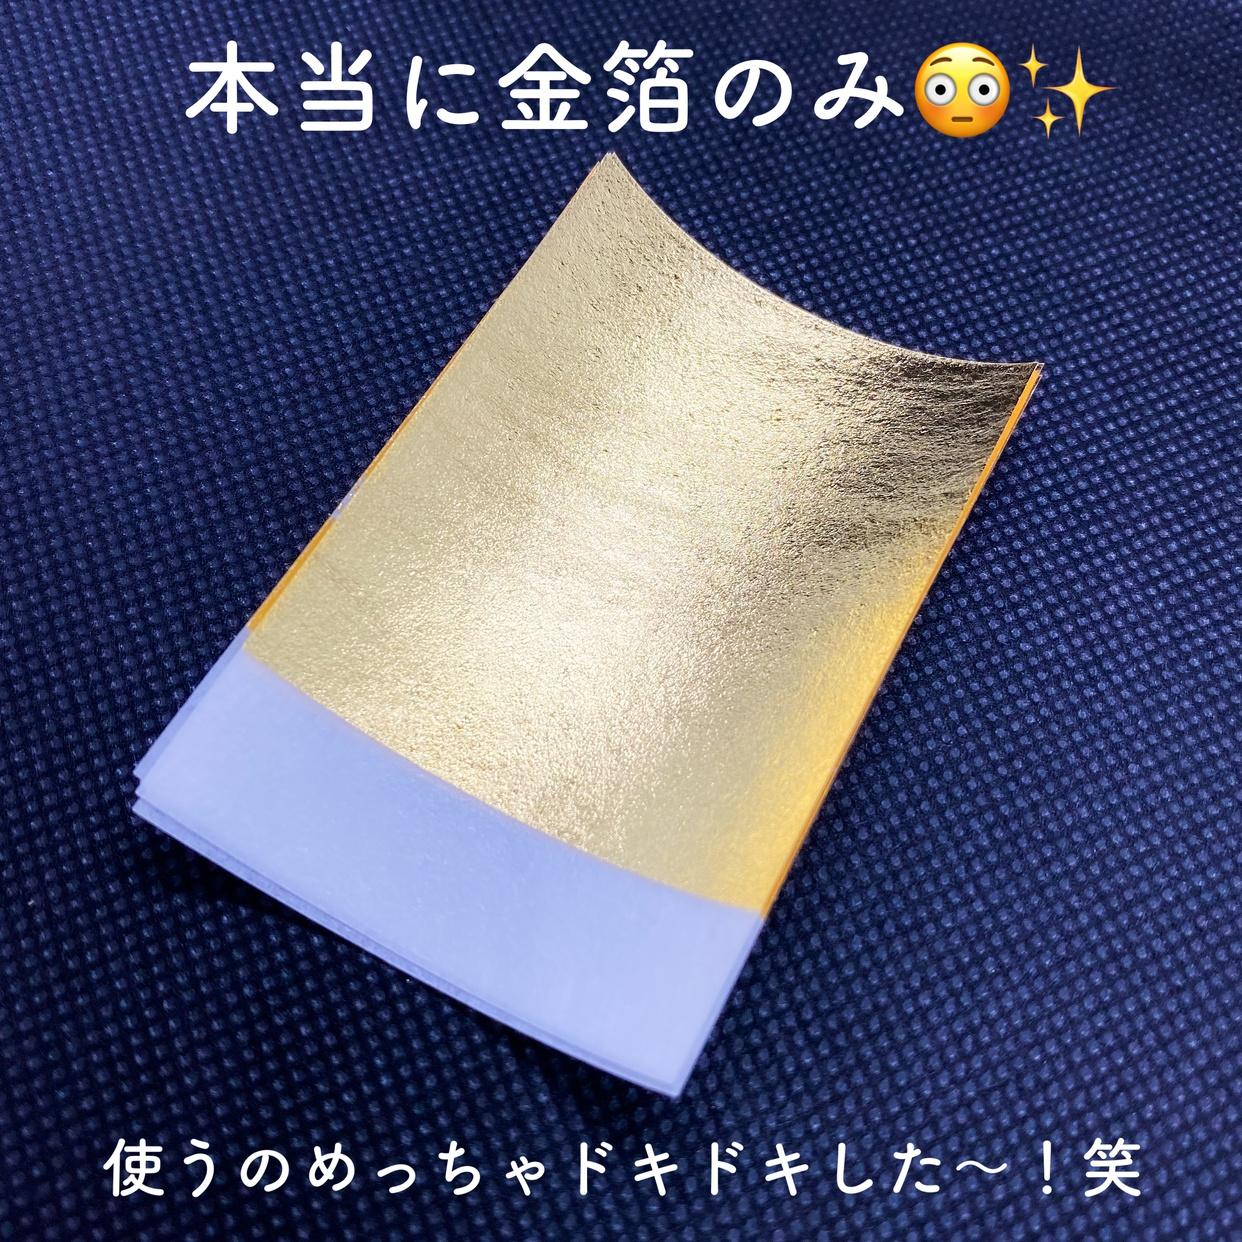 MAKANAI(マカナイ) 金箔シート艶肌マスクを使った只野ひとみさんのクチコミ画像3